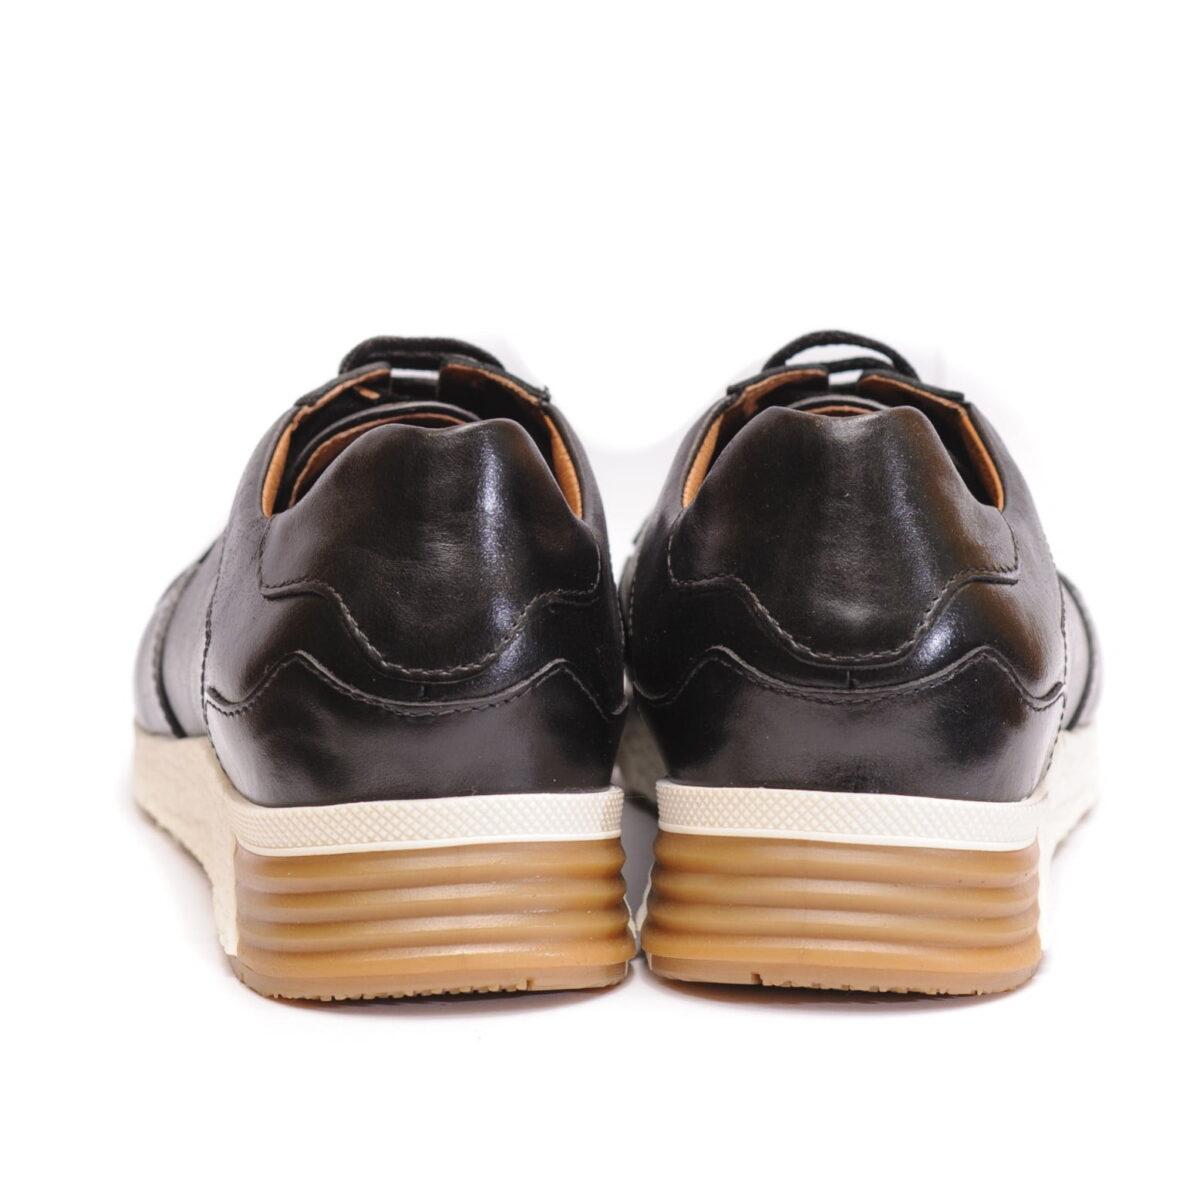 Αντρικό Sneaker Μαύρο με Άσπρη Κροκό Σόλα 2